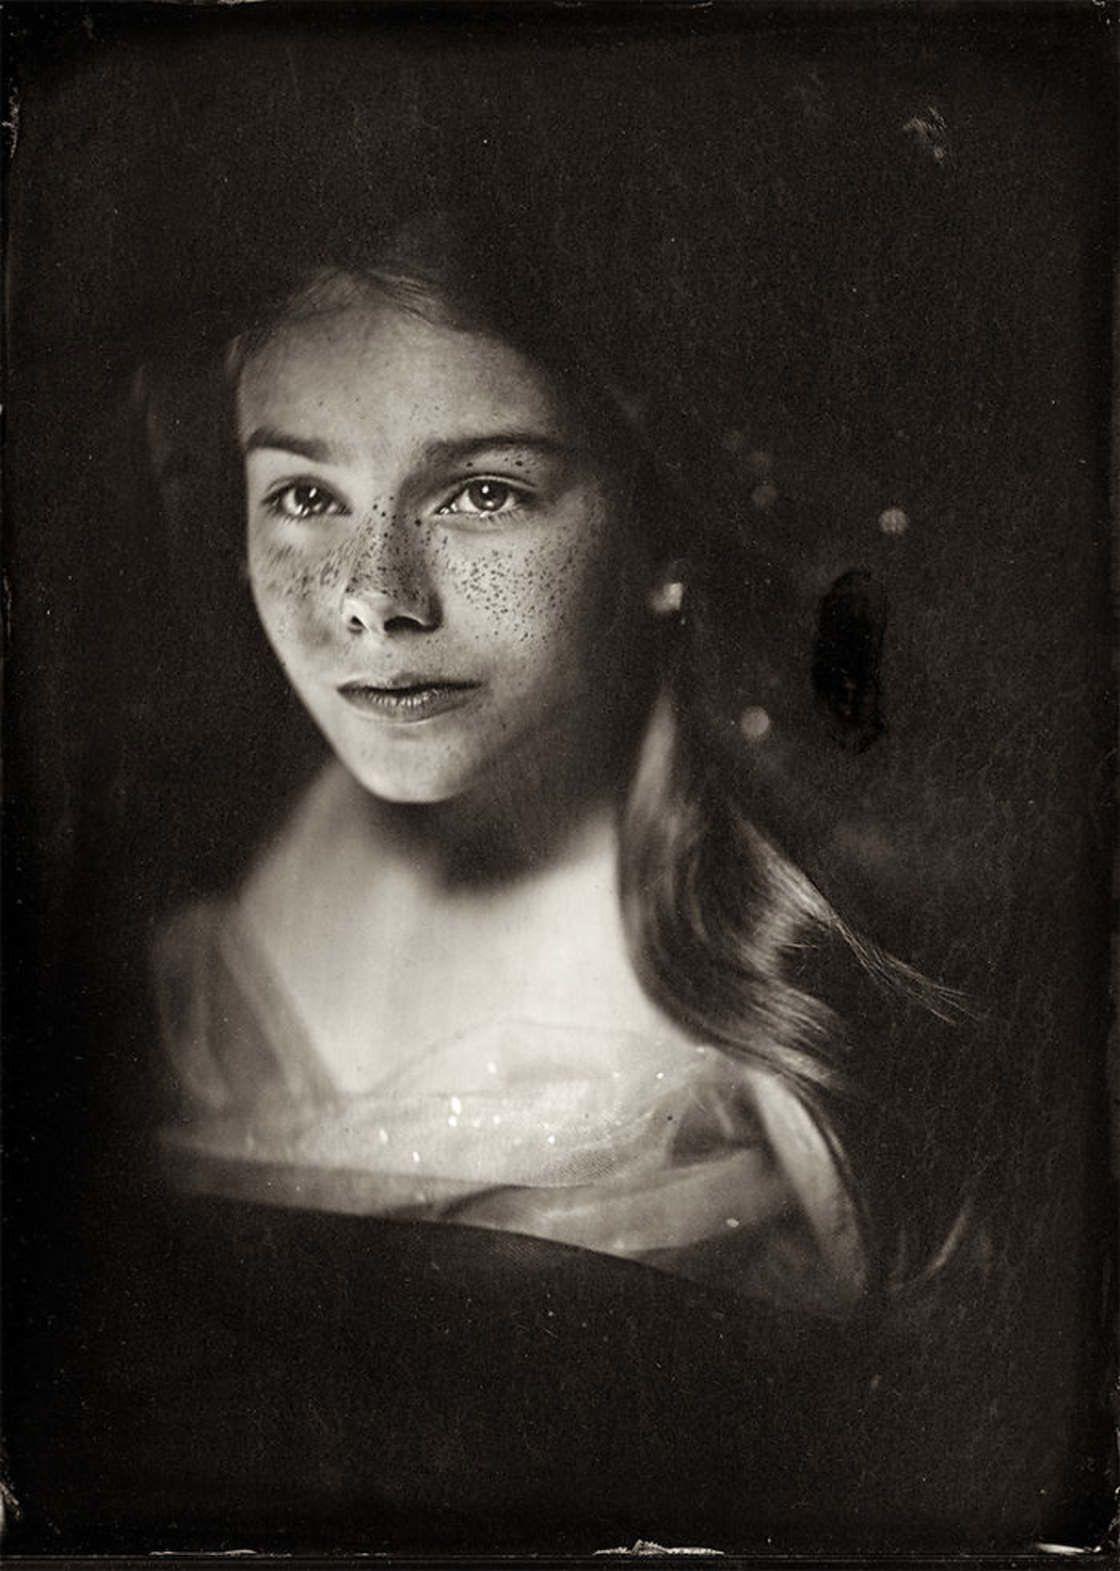 L'image du mercredi : de délicats portraits d'enfants au collodion humide